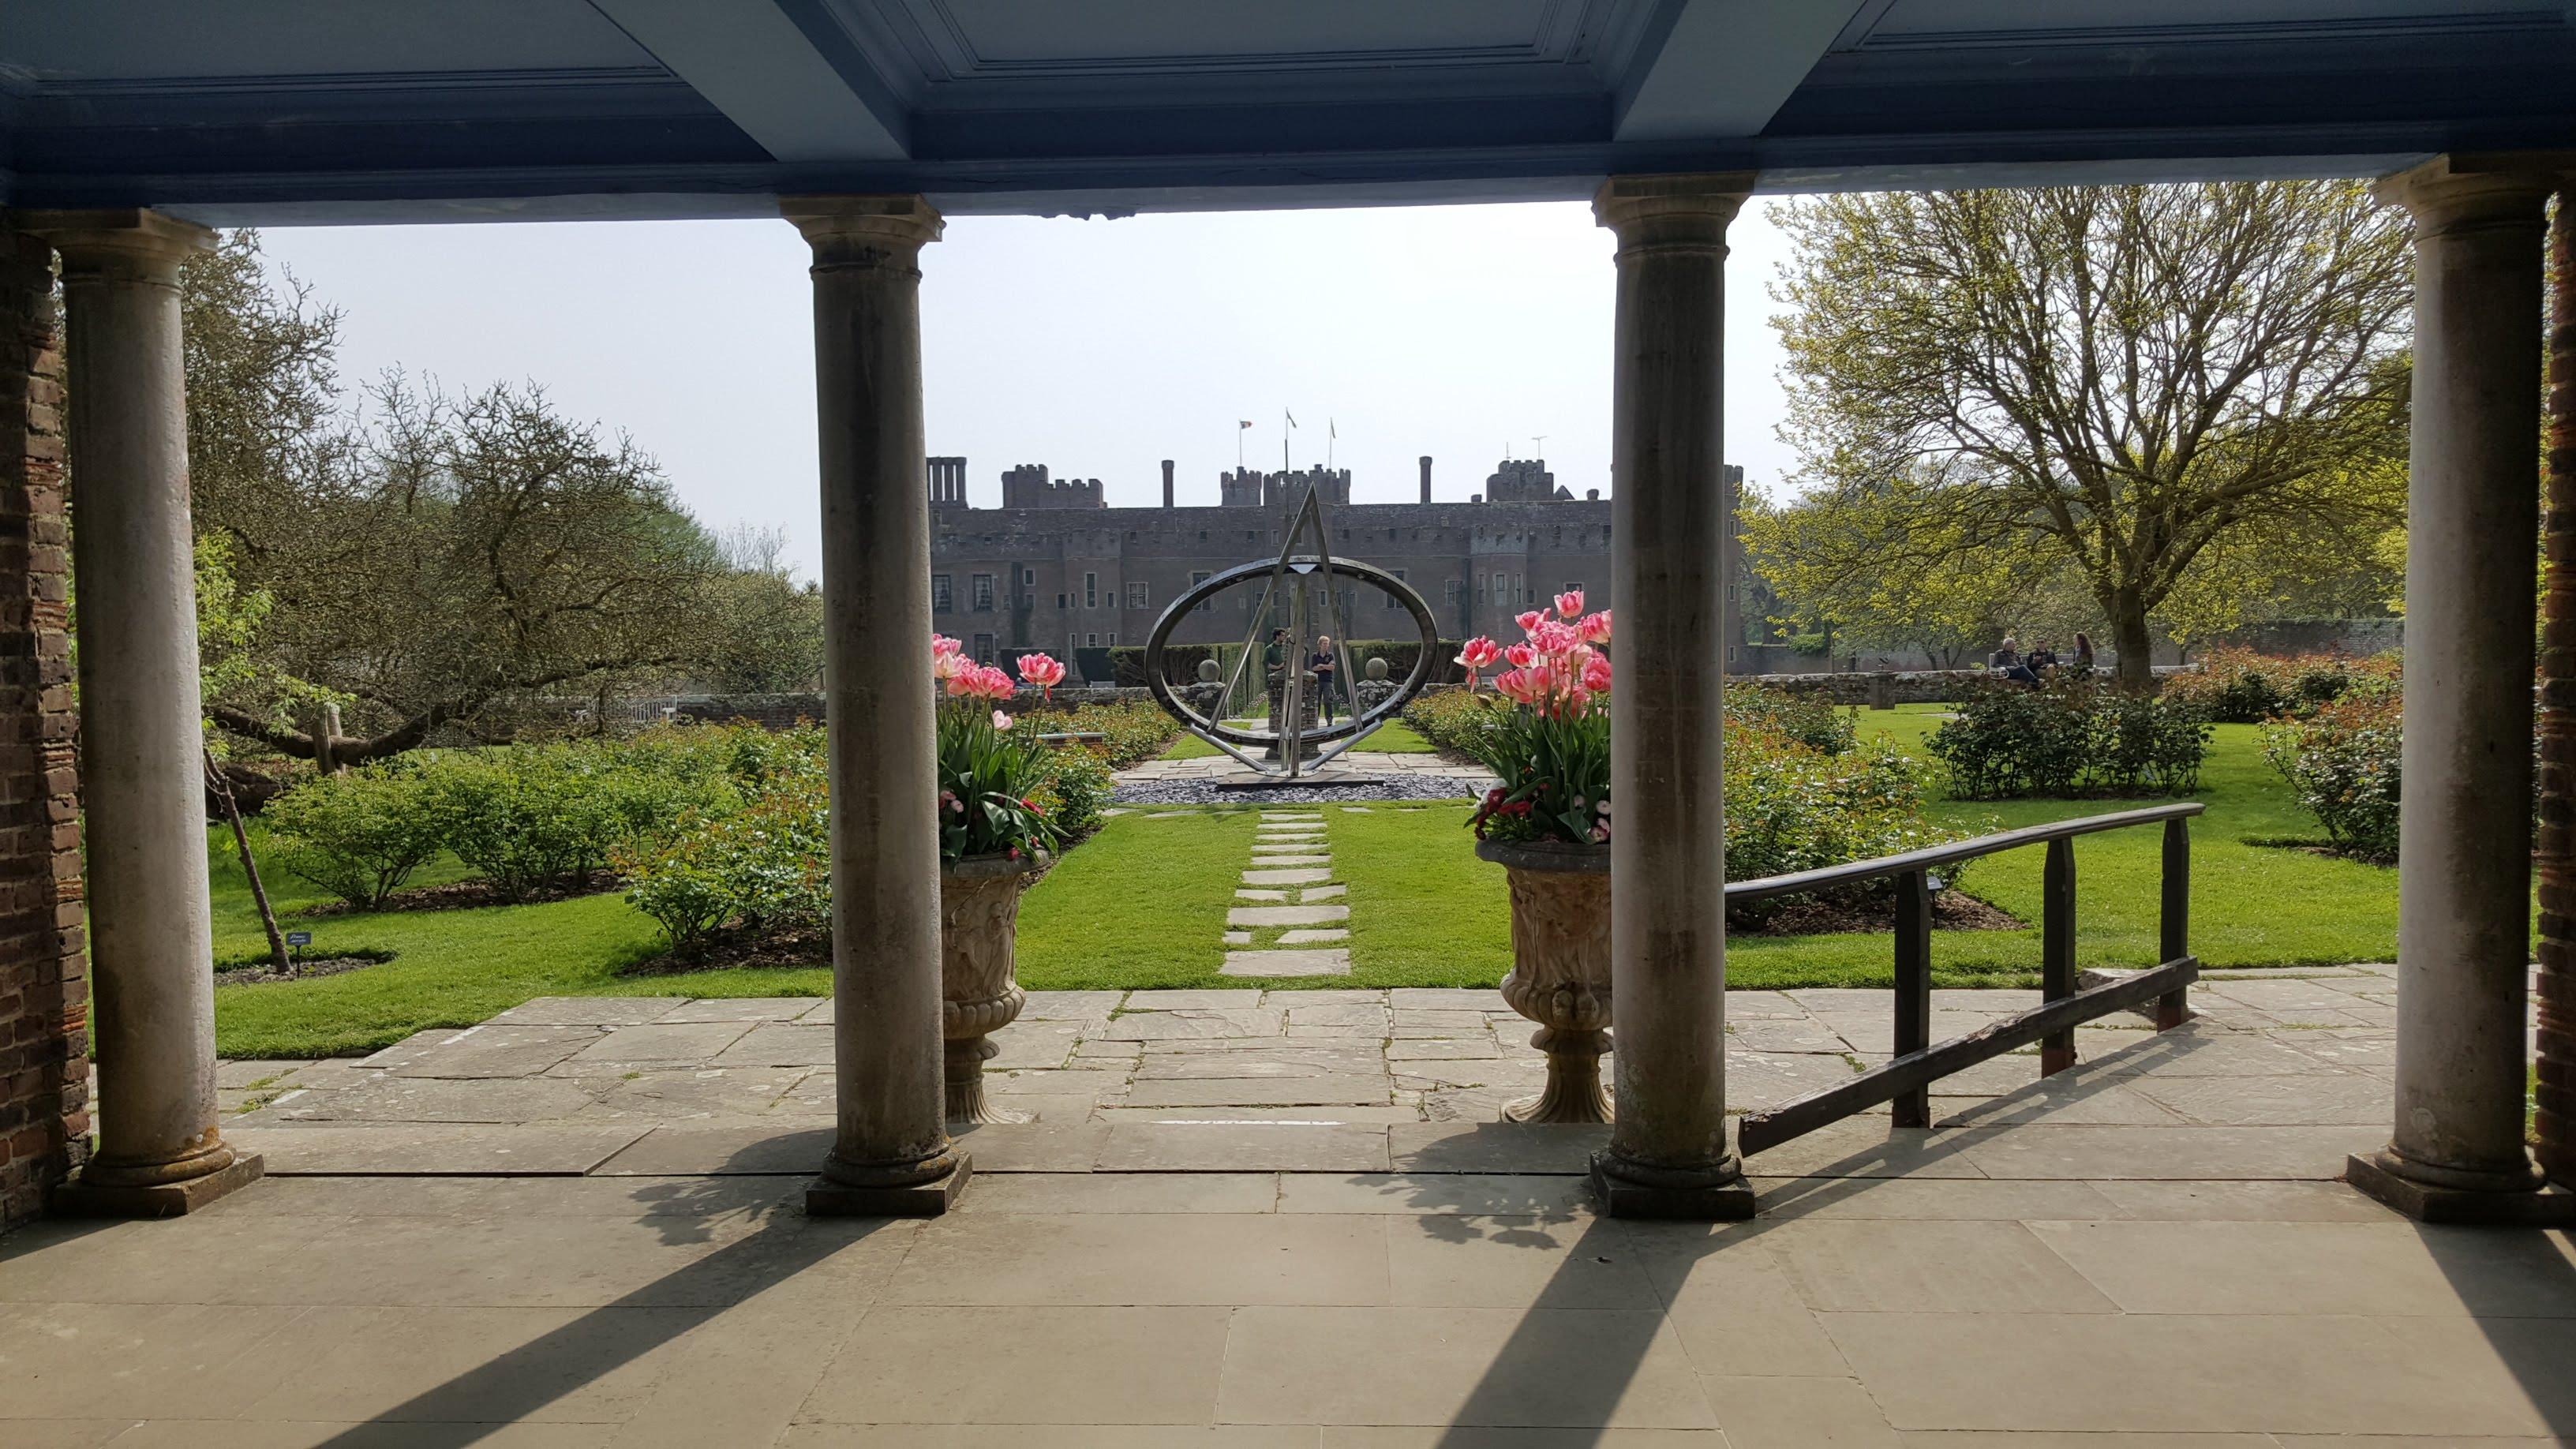 vista of Herstmonceux Castle